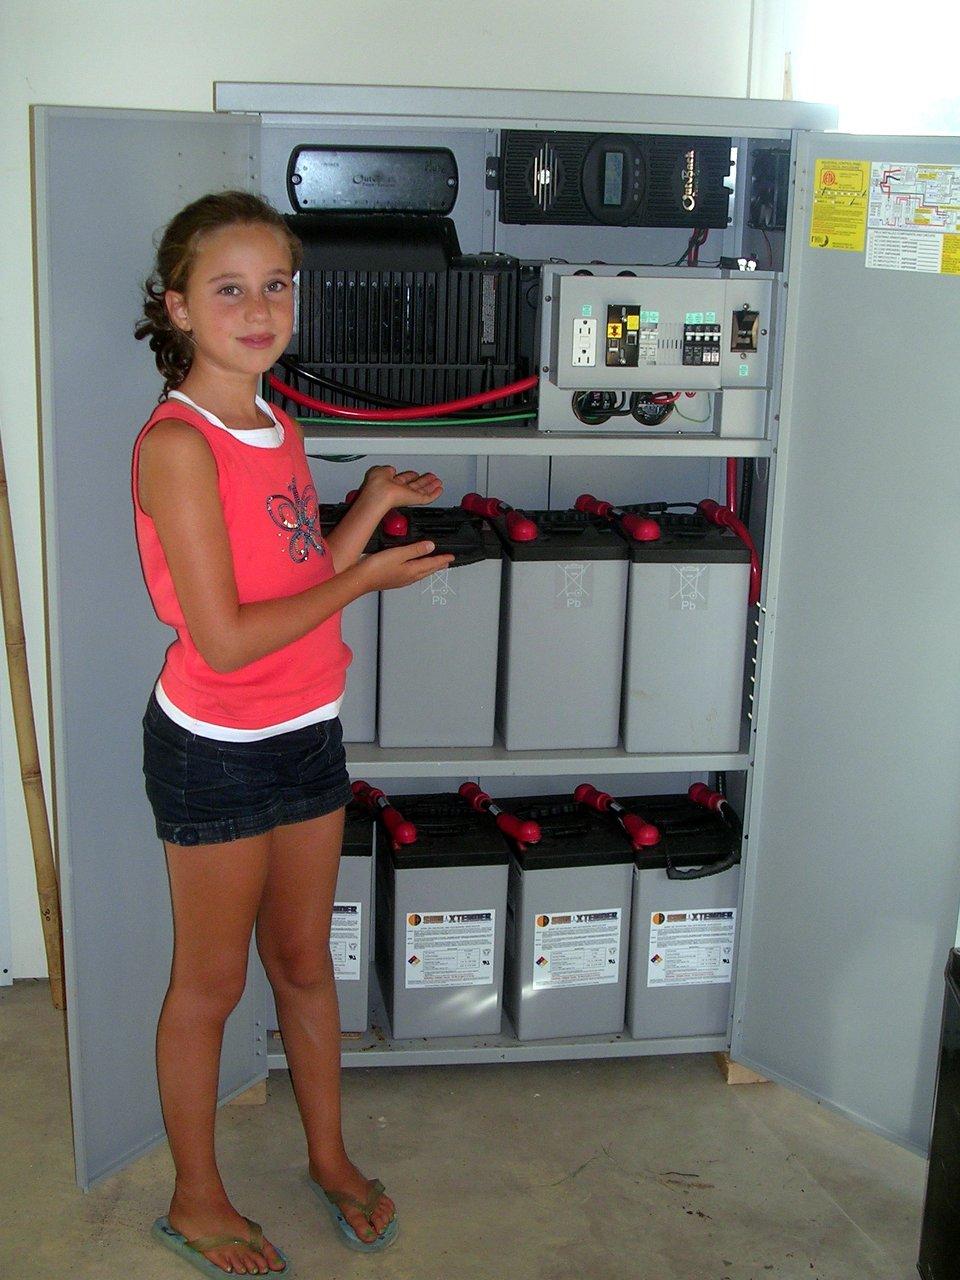 Residential solar backup power